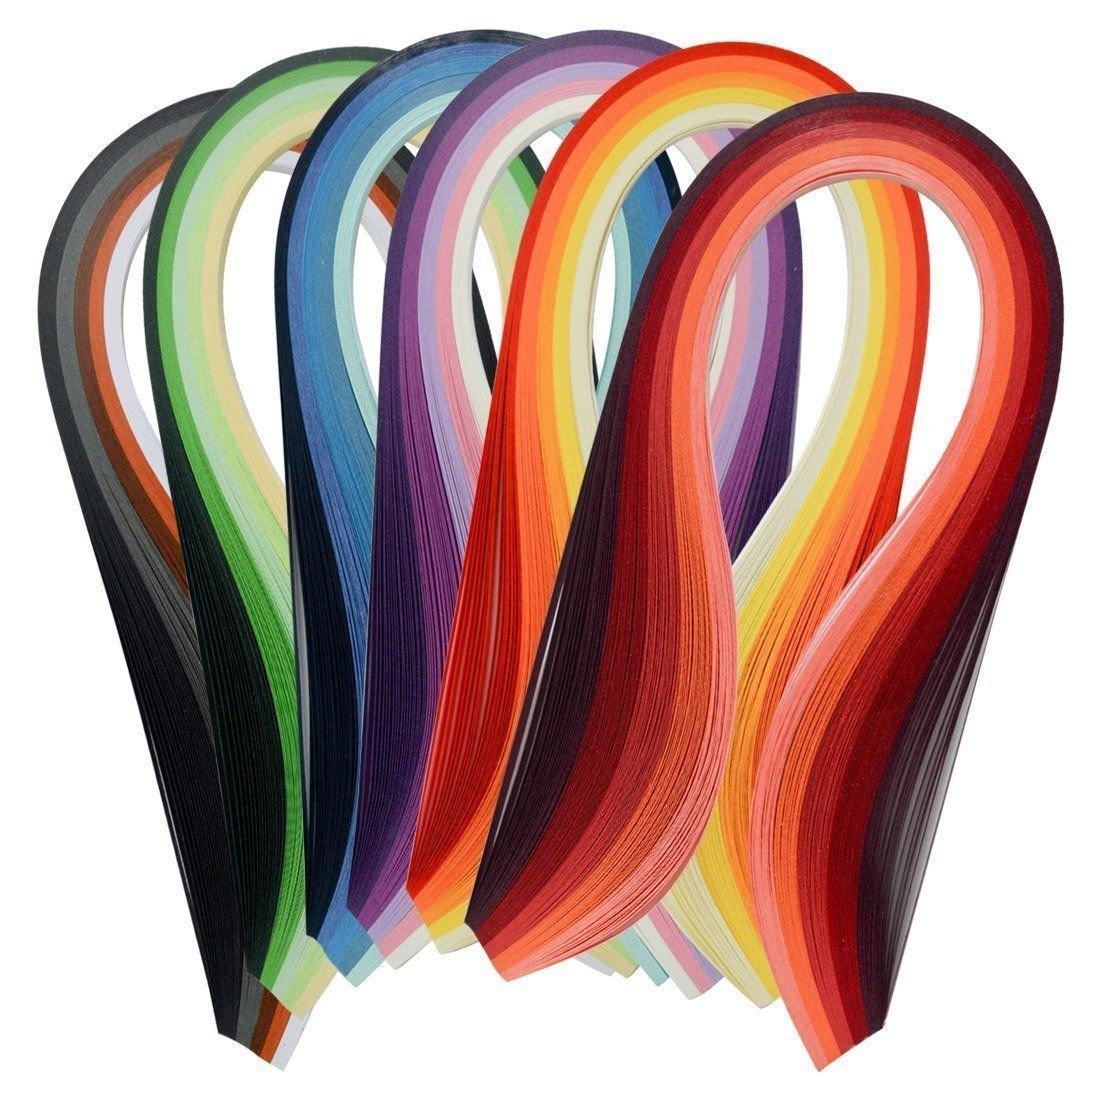 ペーパークイリングセット600ストリップマルチカラー39 cm長さ/ 3 mm幅利用可能 B06WWB3BGV